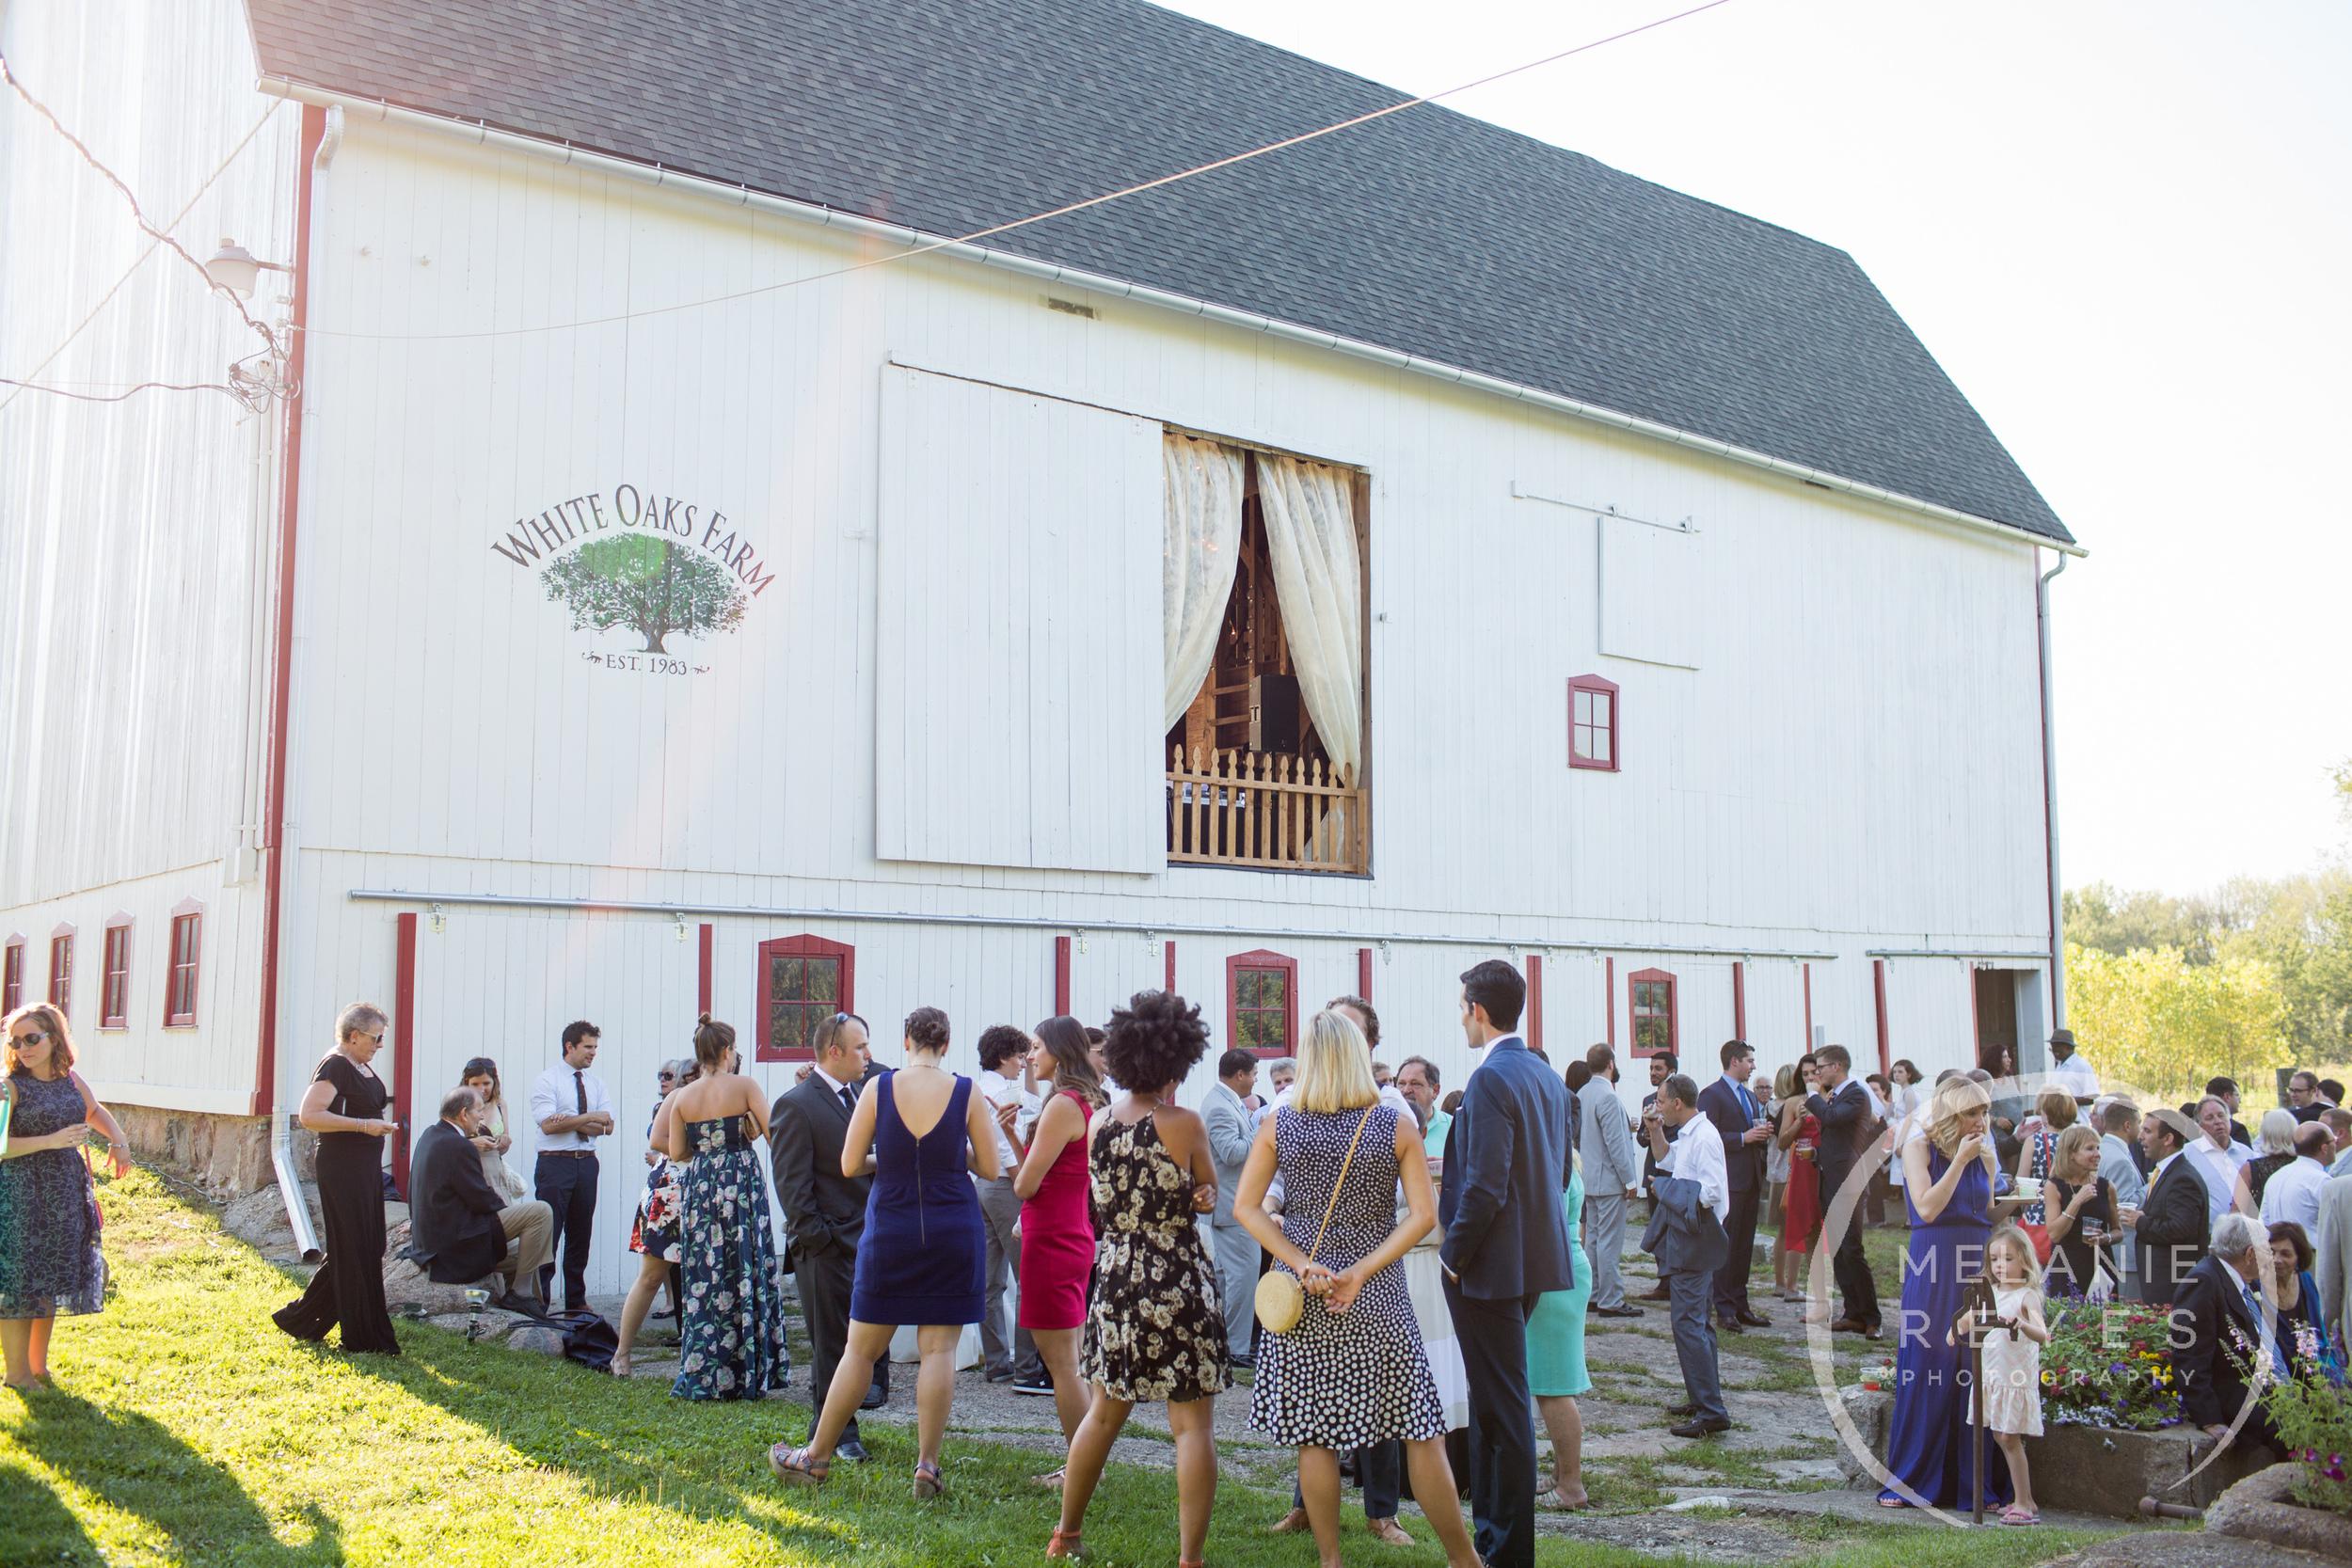 058_farm_wedding_melanie_reyes.JPG